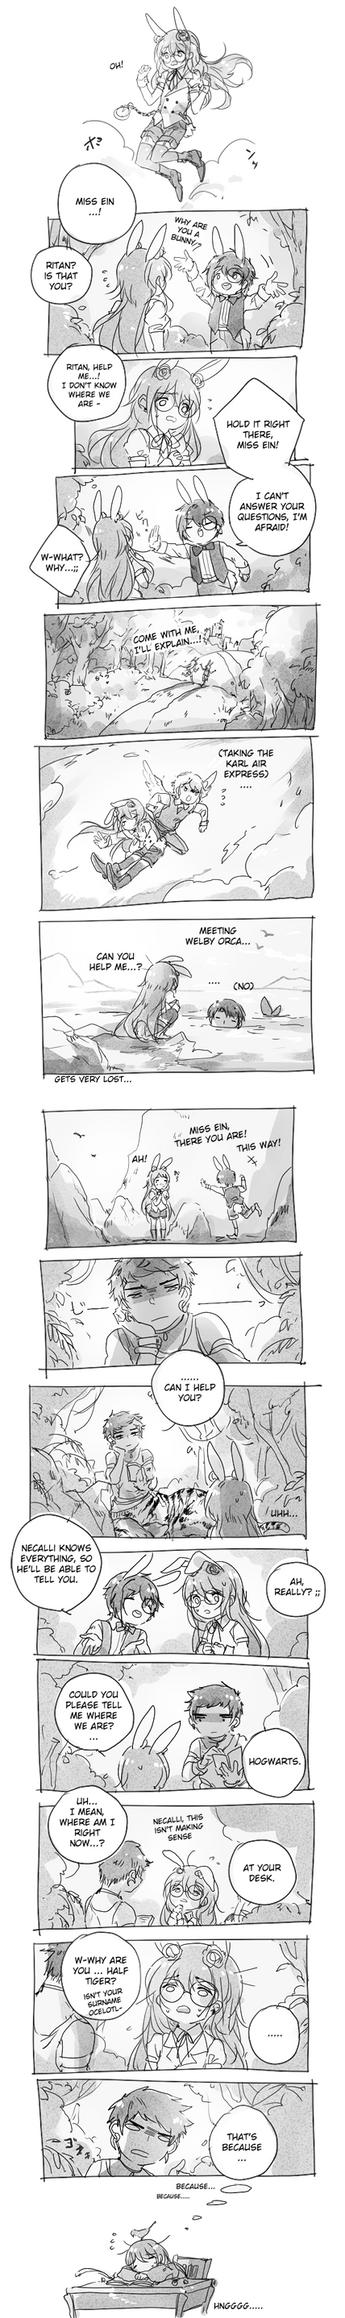 strangest dreams by yukihomu